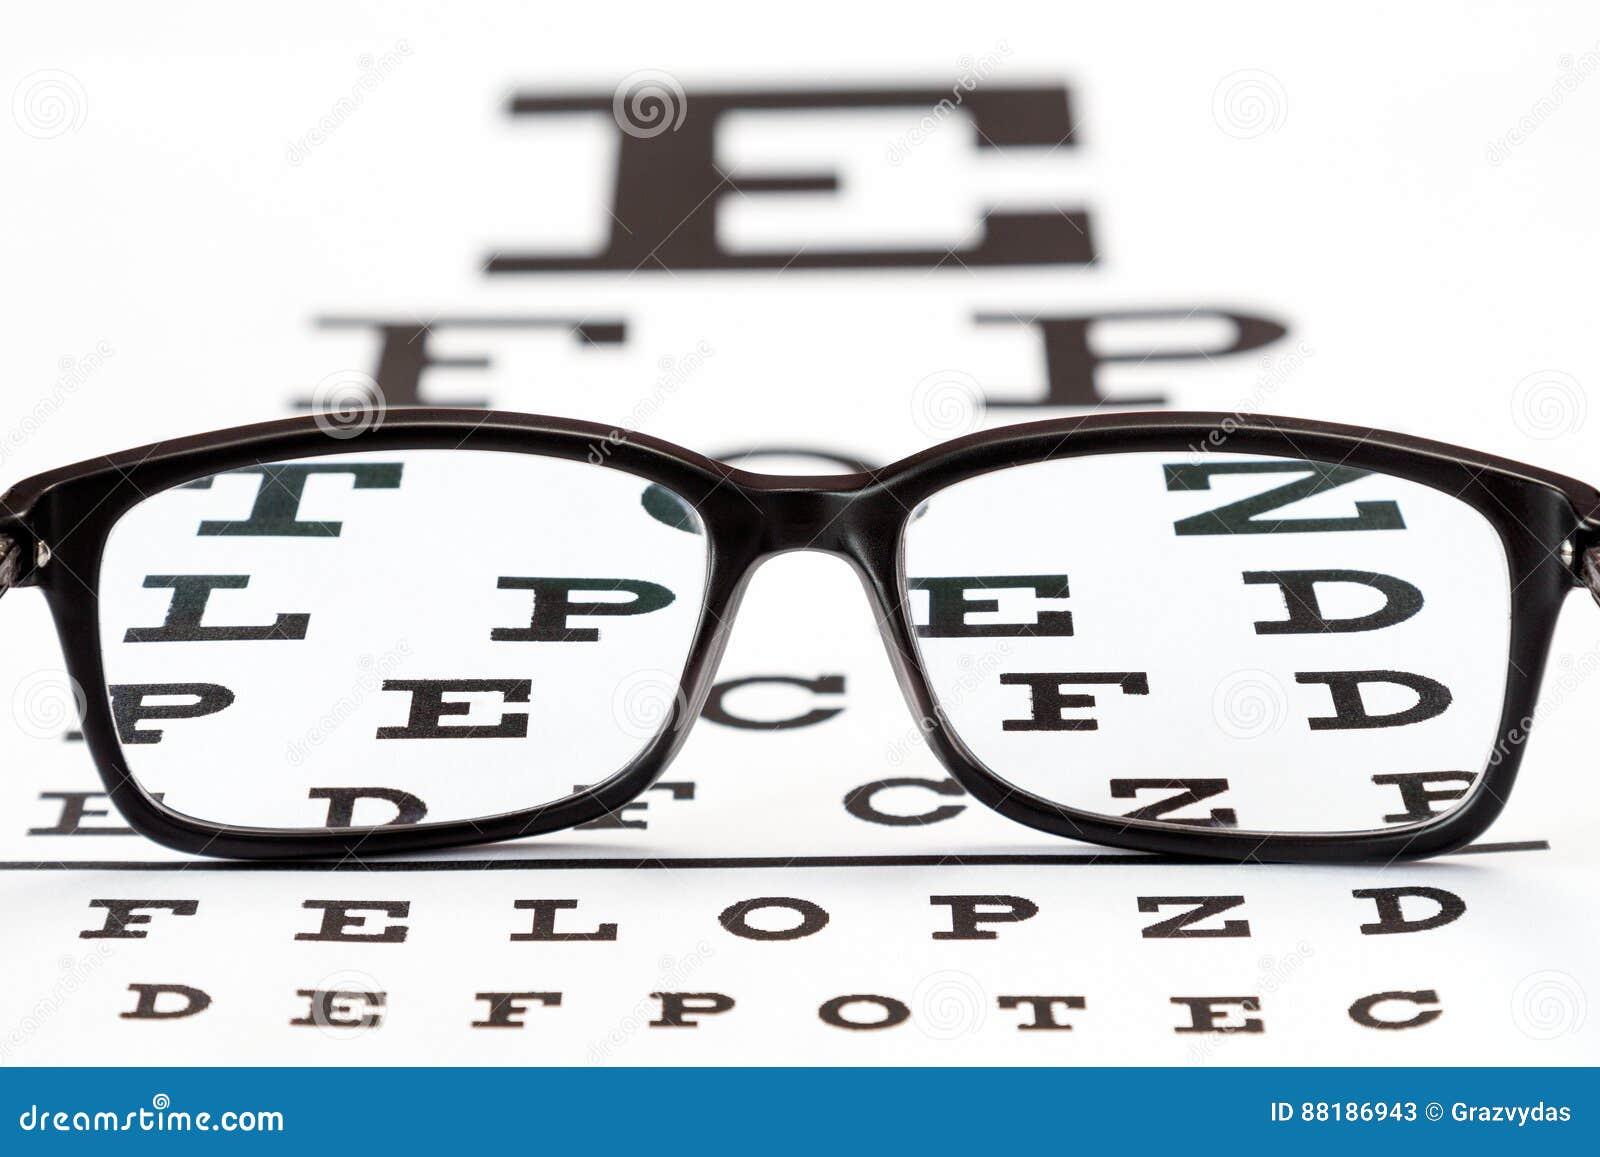 Eye Glasses On Eyesight Test Chart Stock Image Image Of Eyeglass